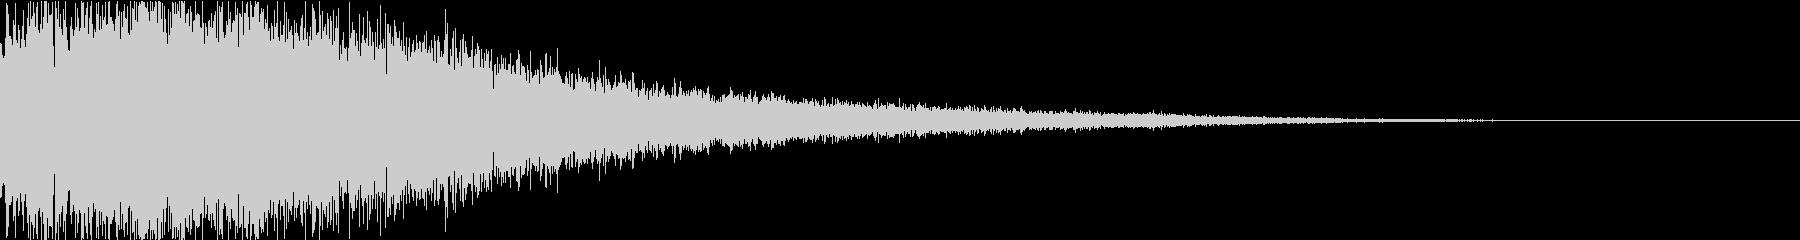 バーン:シンバルを叩く音・衝撃・迫力iの未再生の波形